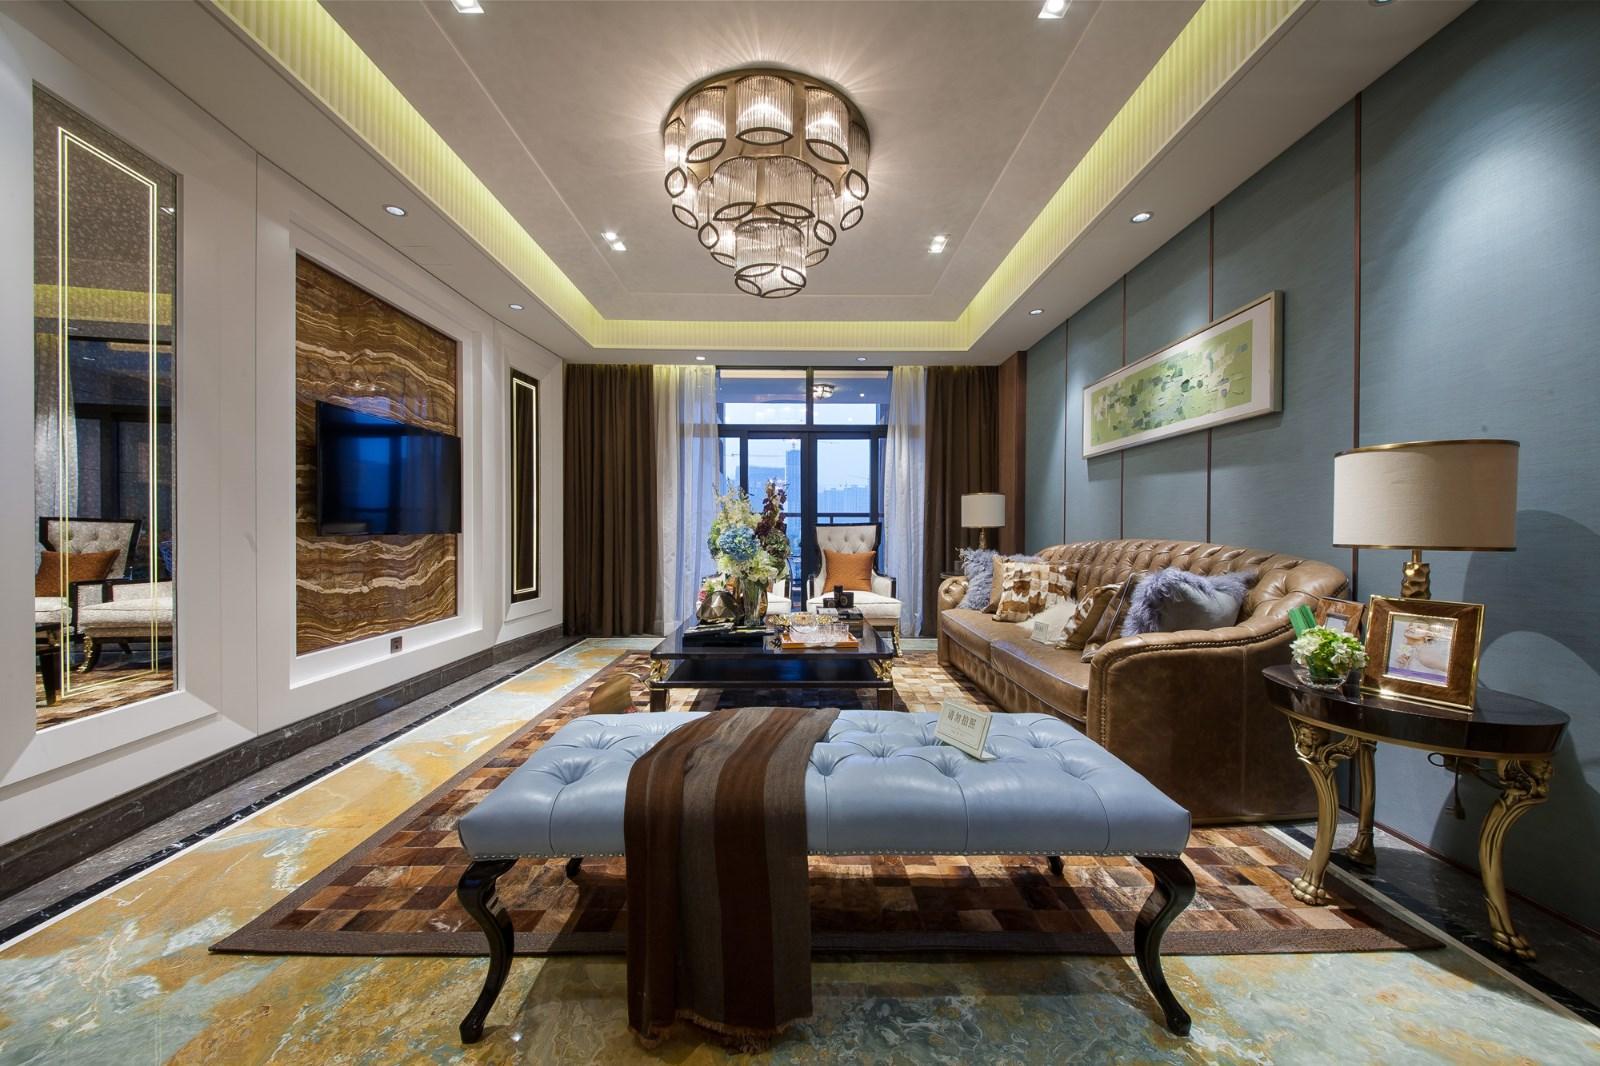 客厅一个简单干净的空间让人感到舒适,复杂的外部设计反而容易让人疲惫